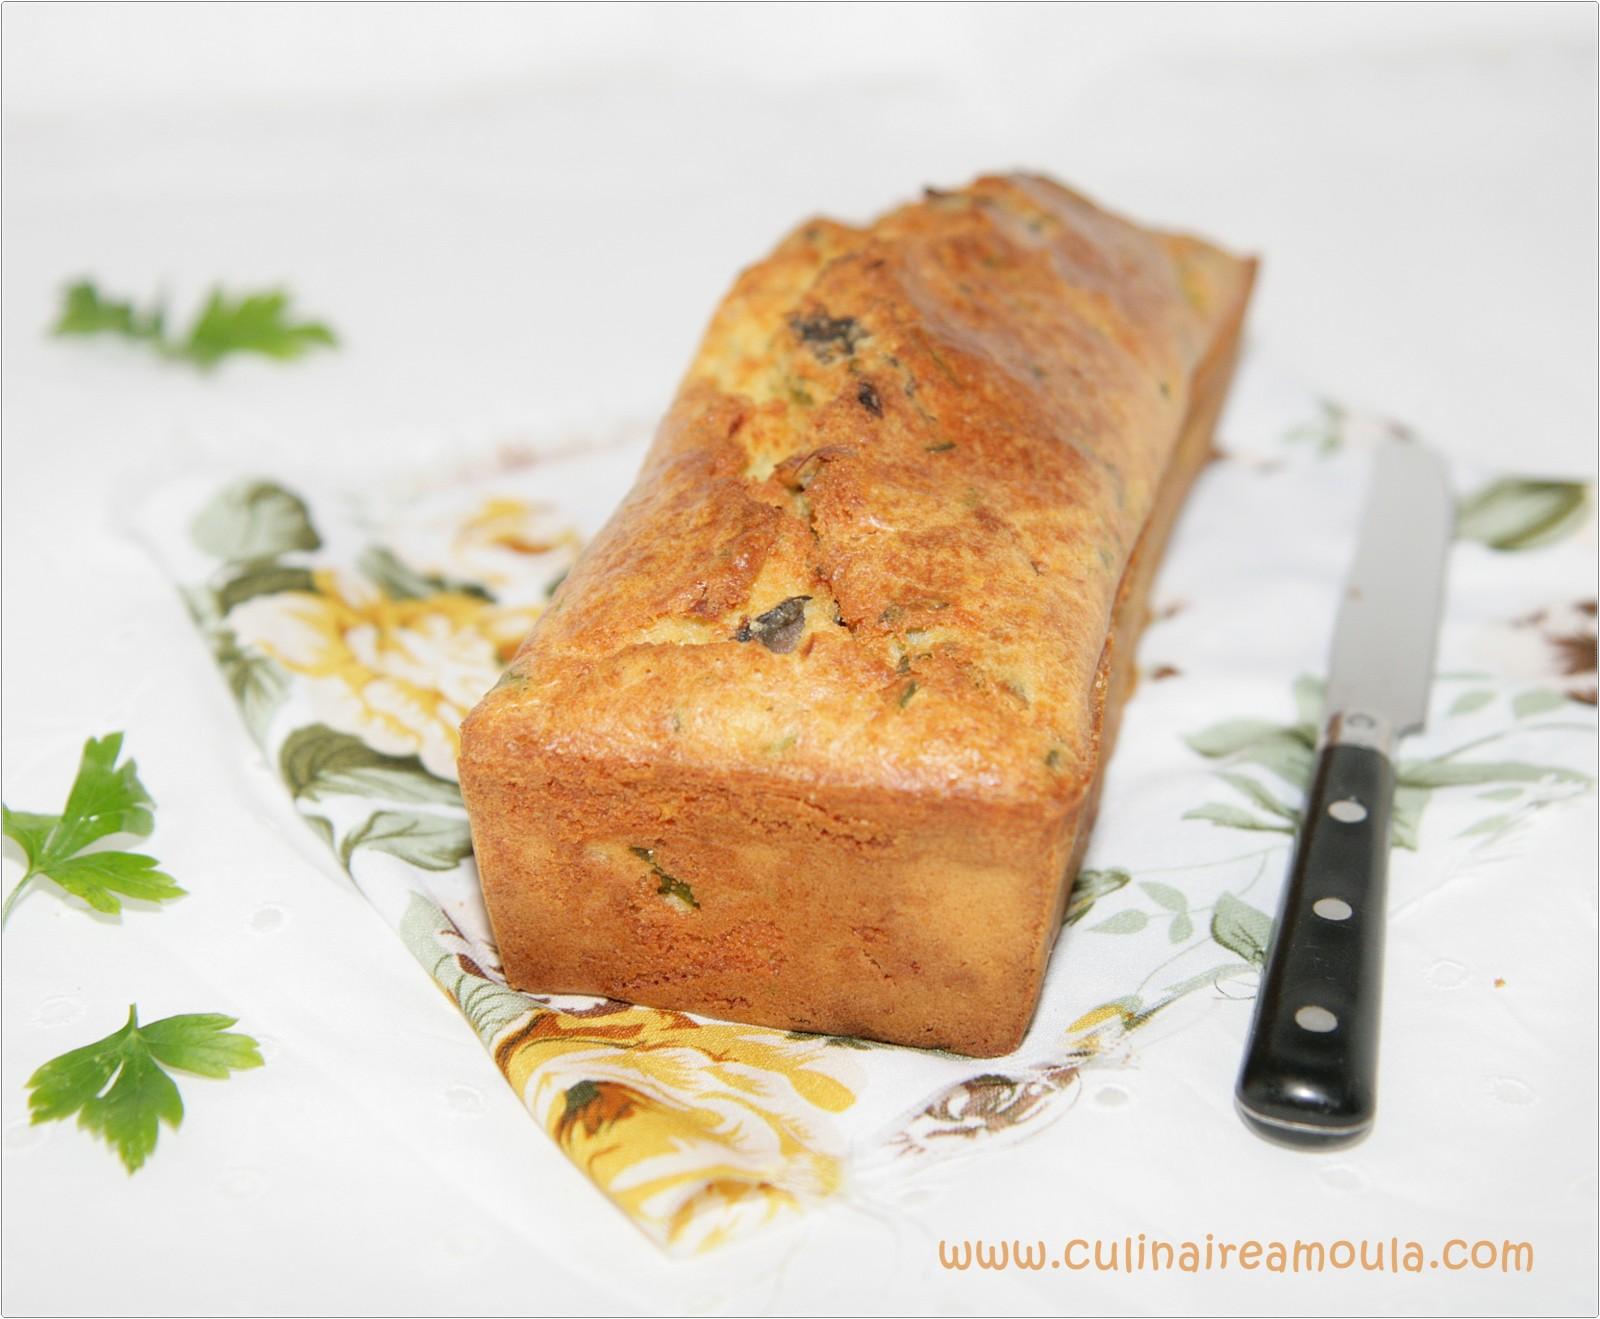 Aimez-vous les cakes salés??? la recette du jour est un cake parisien, pourquoi parisien?? venez voire...  http://www.culinaireamoula.com/article-cake-parisien-120851827.html